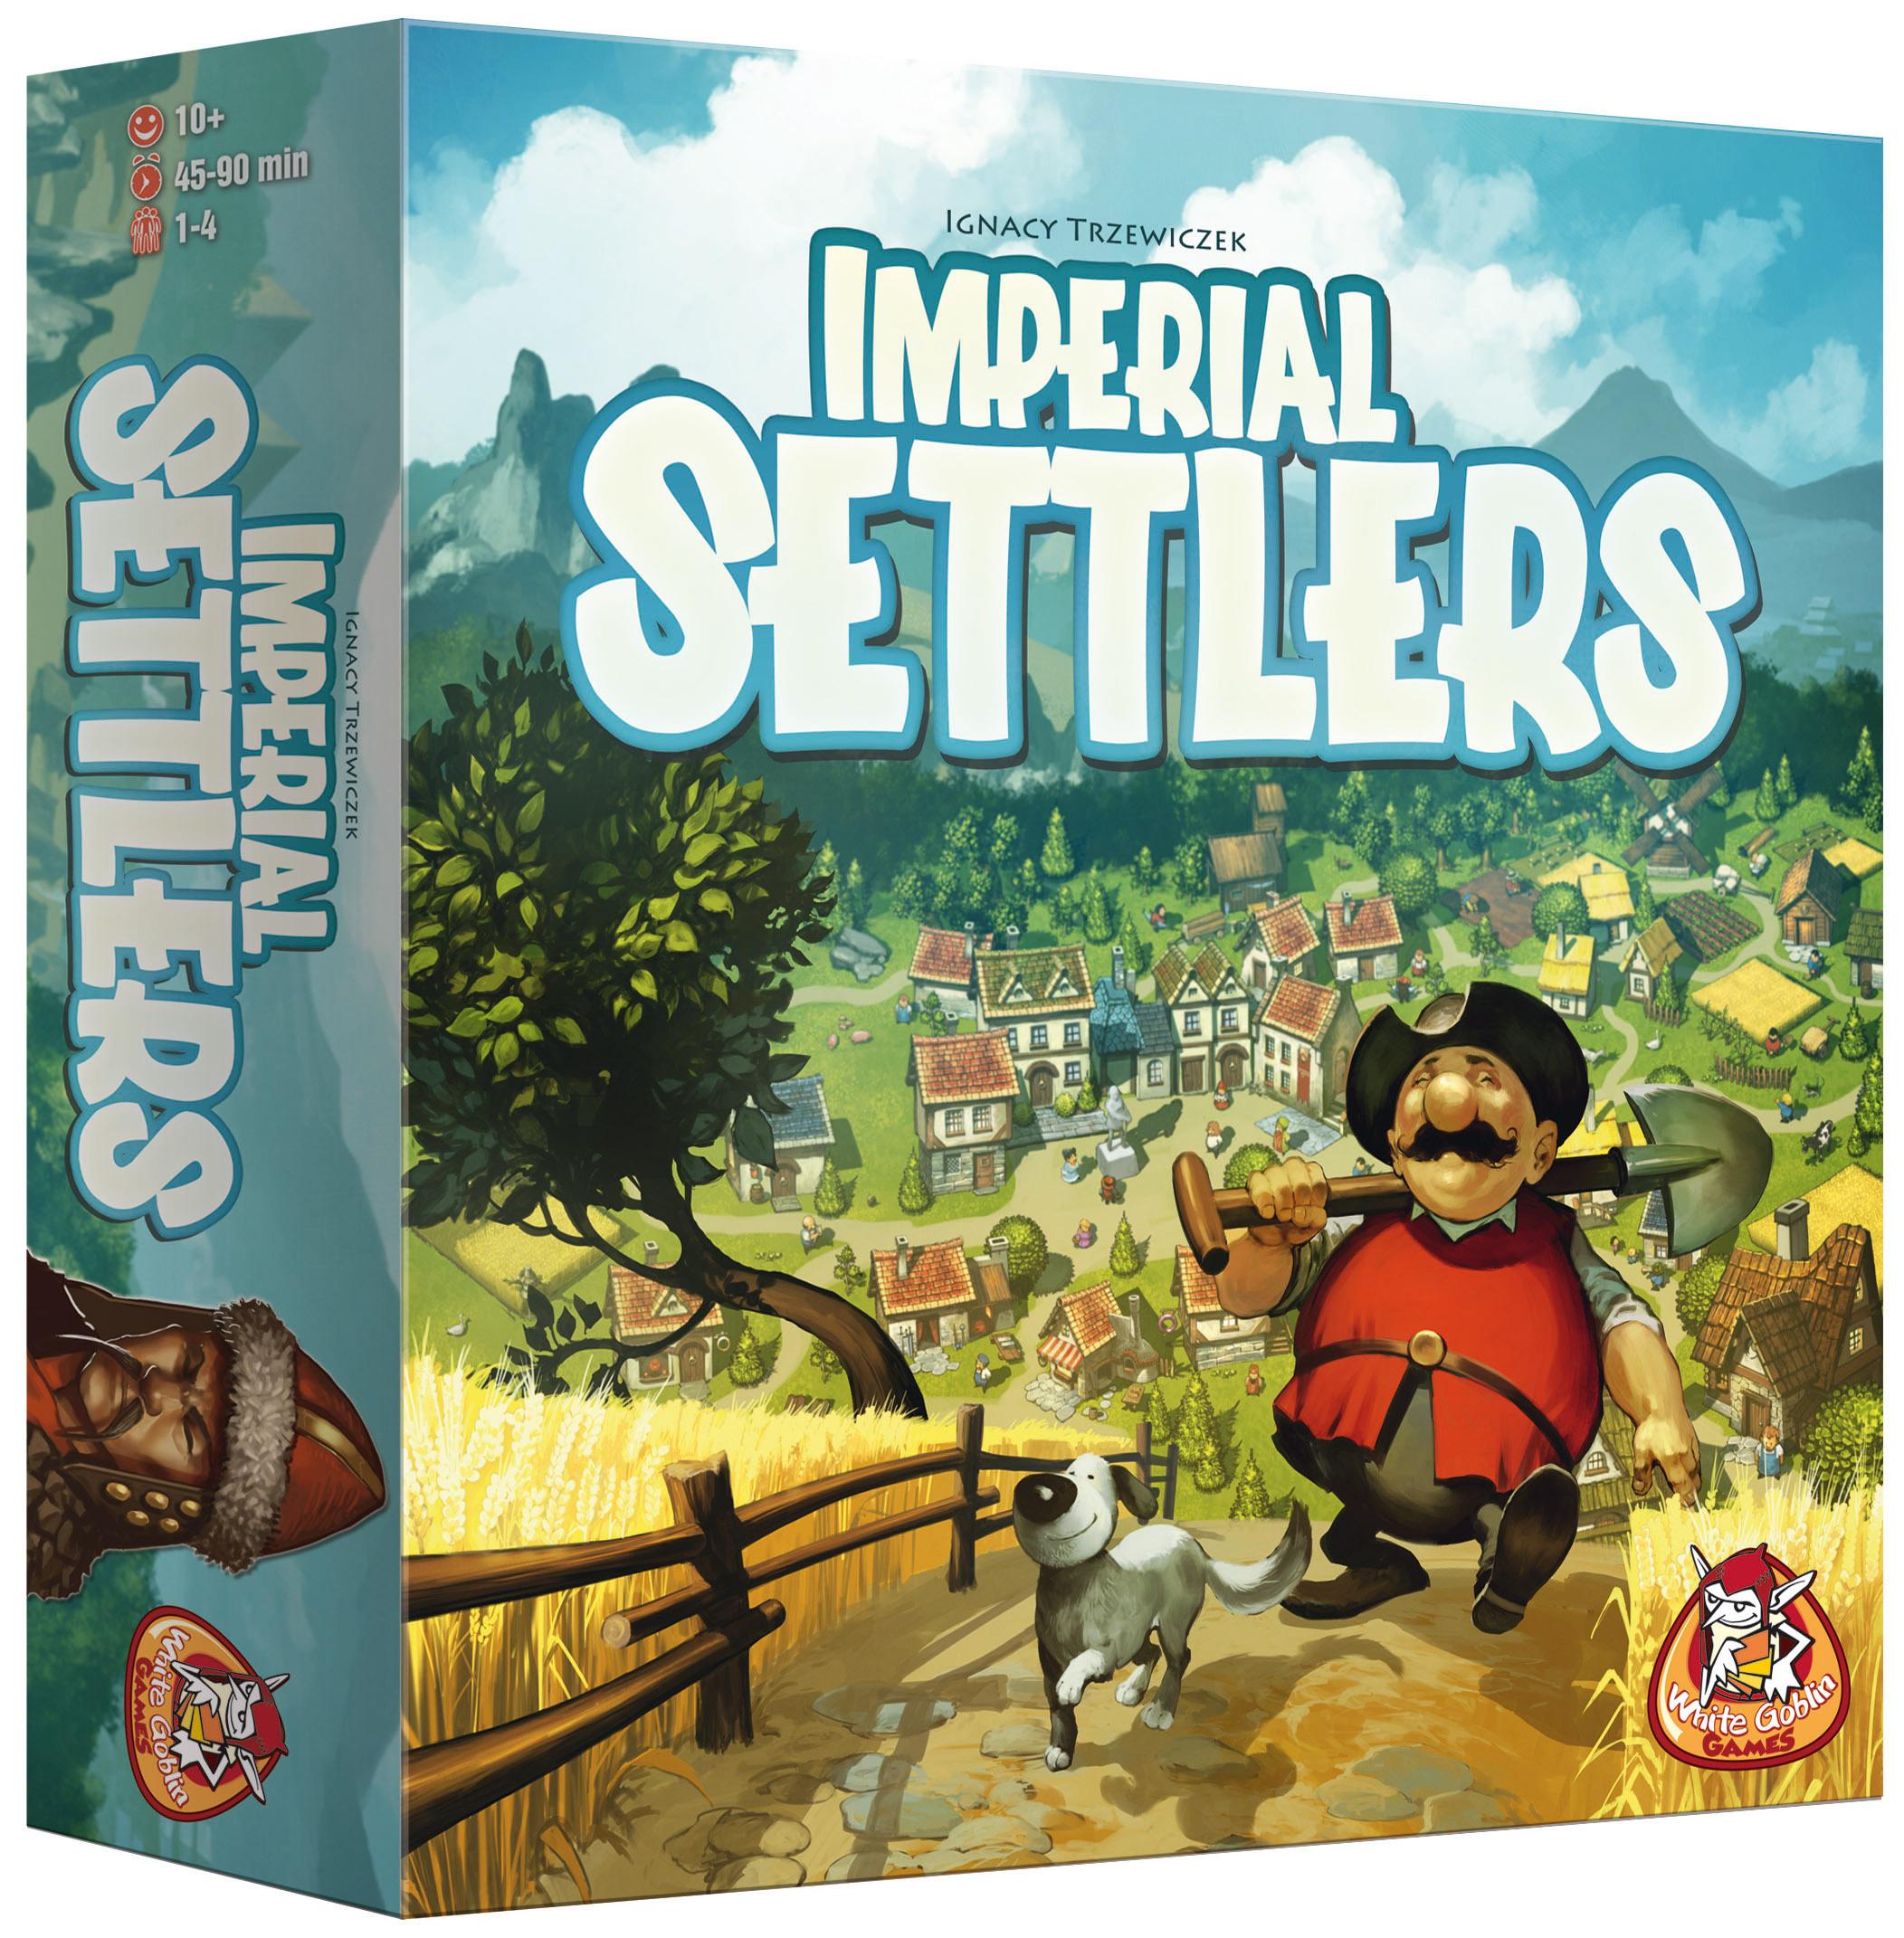 Hedendaags Imperial Settlers - Goedkopegezelschapsspellen.nl bordspellen AC-13